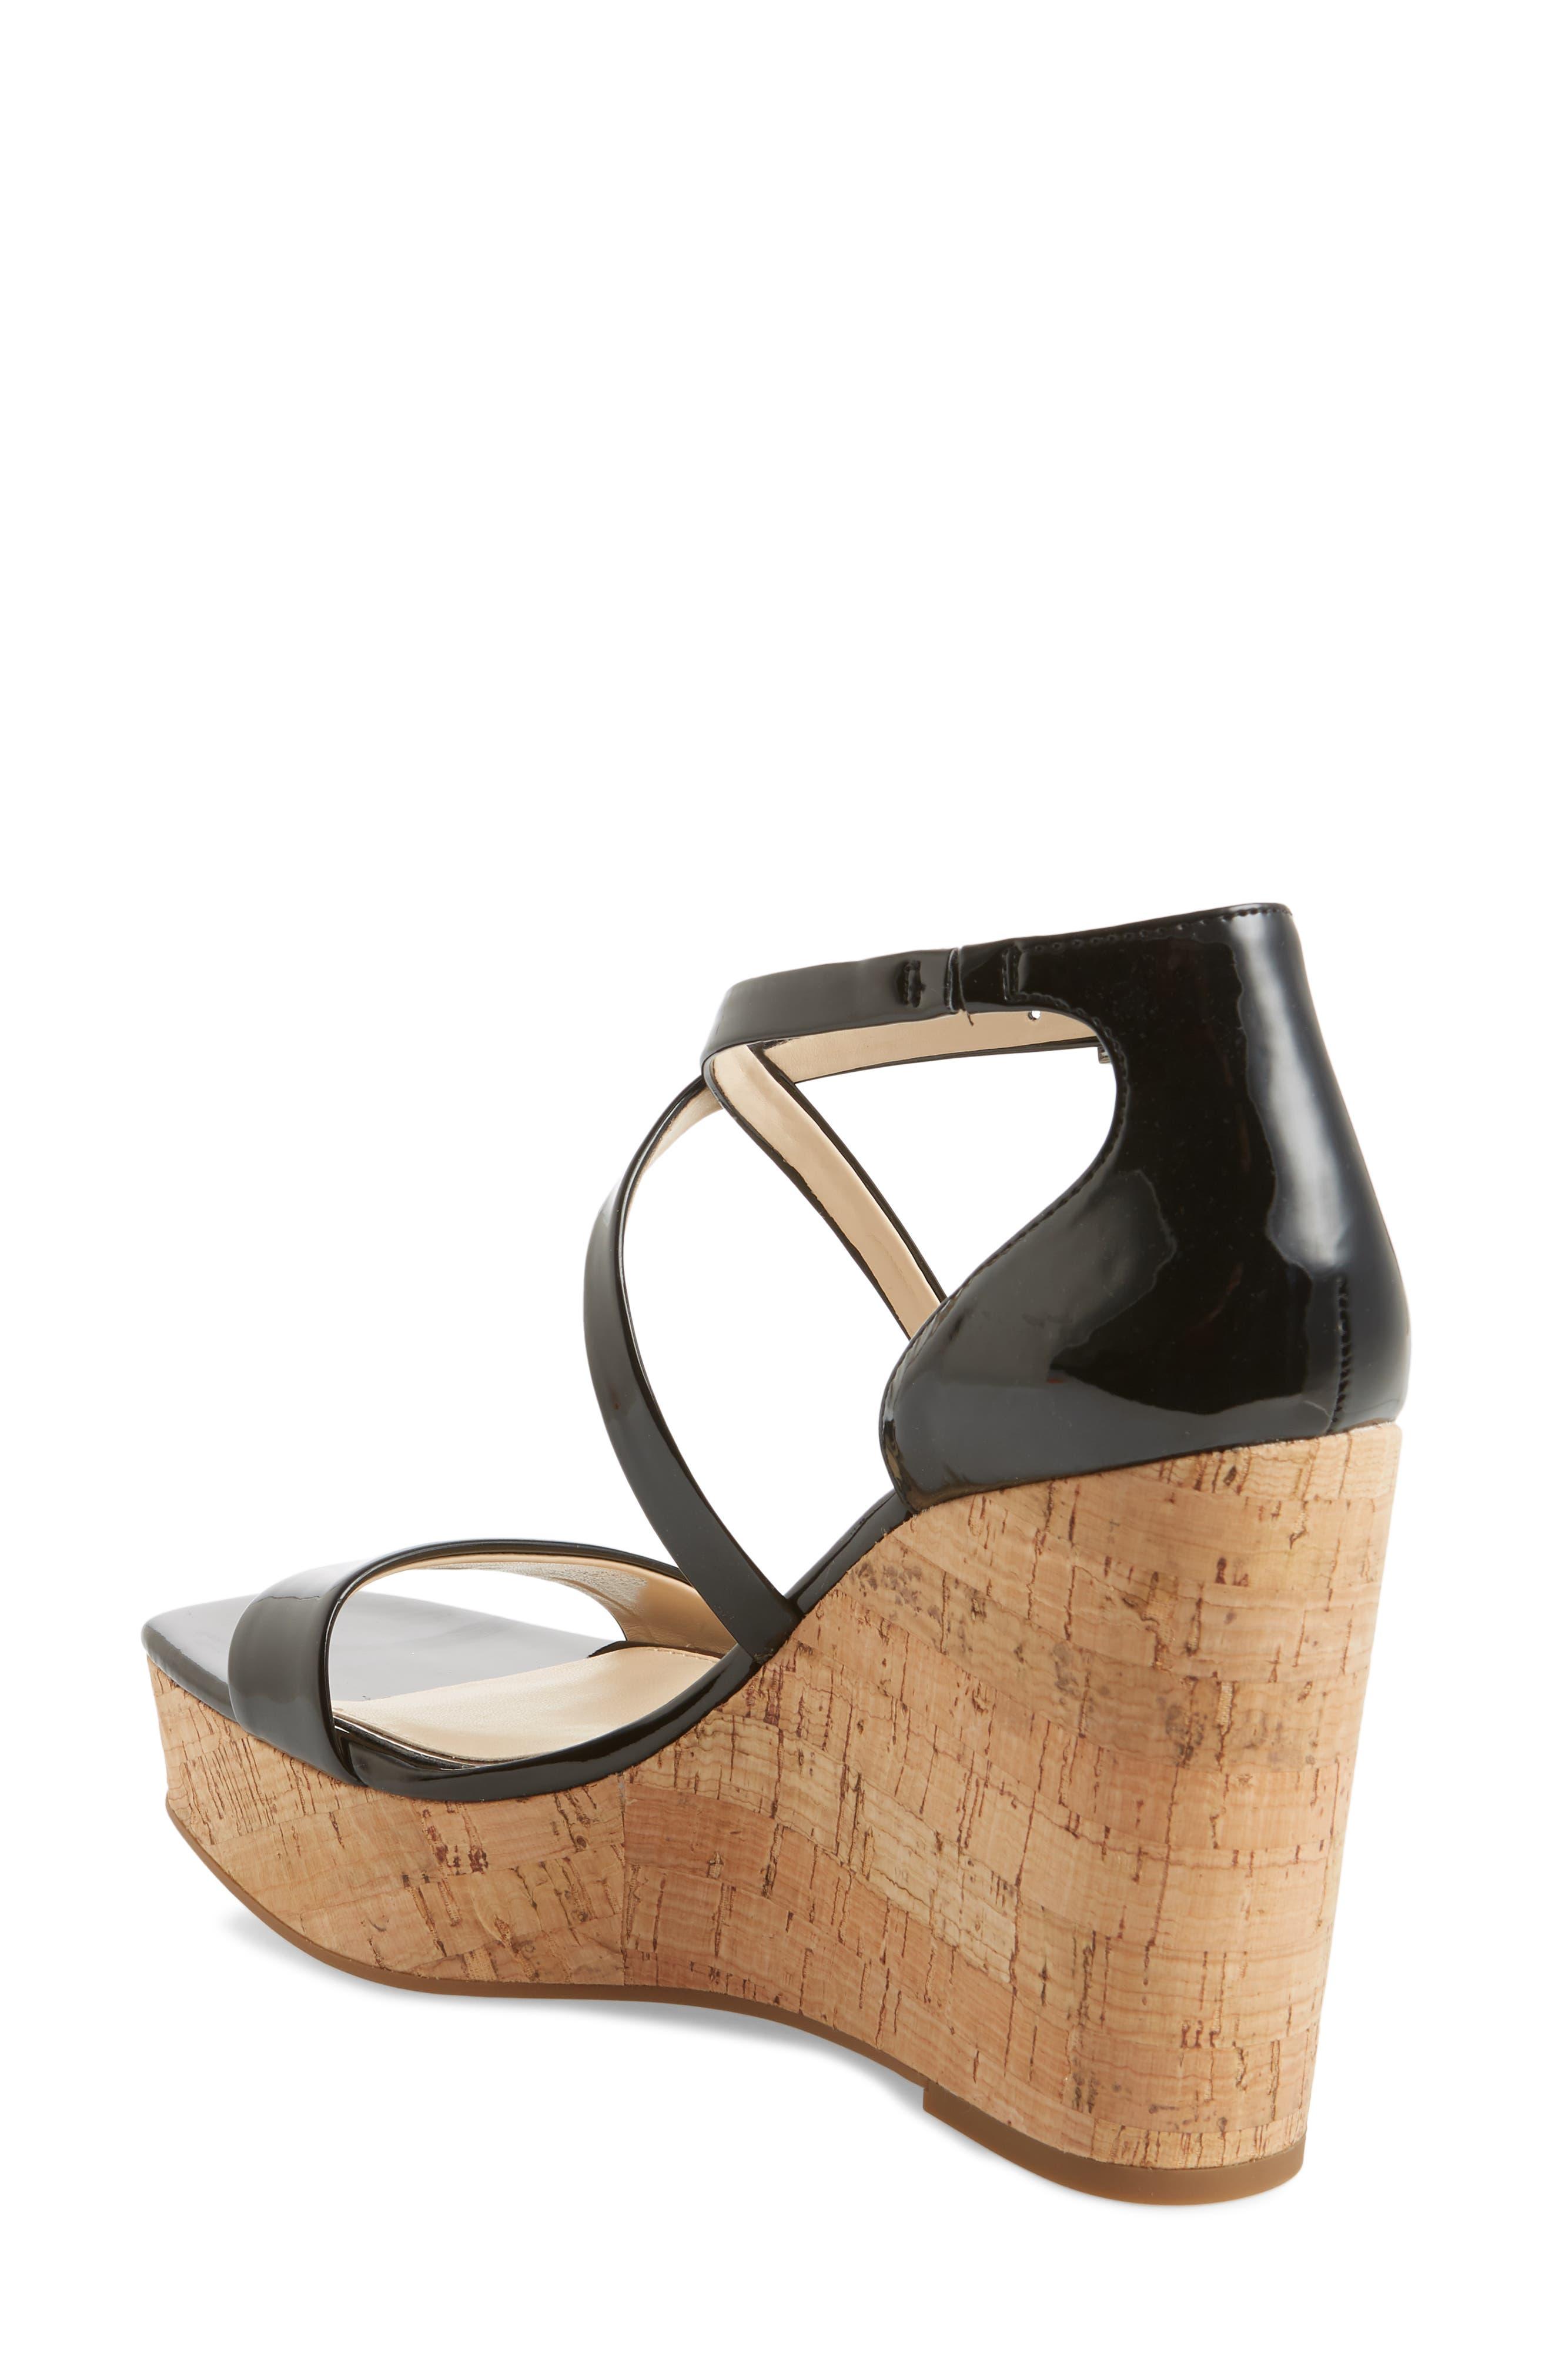 Stassi Cross Strap Wedge Sandal,                             Alternate thumbnail 2, color,                             001